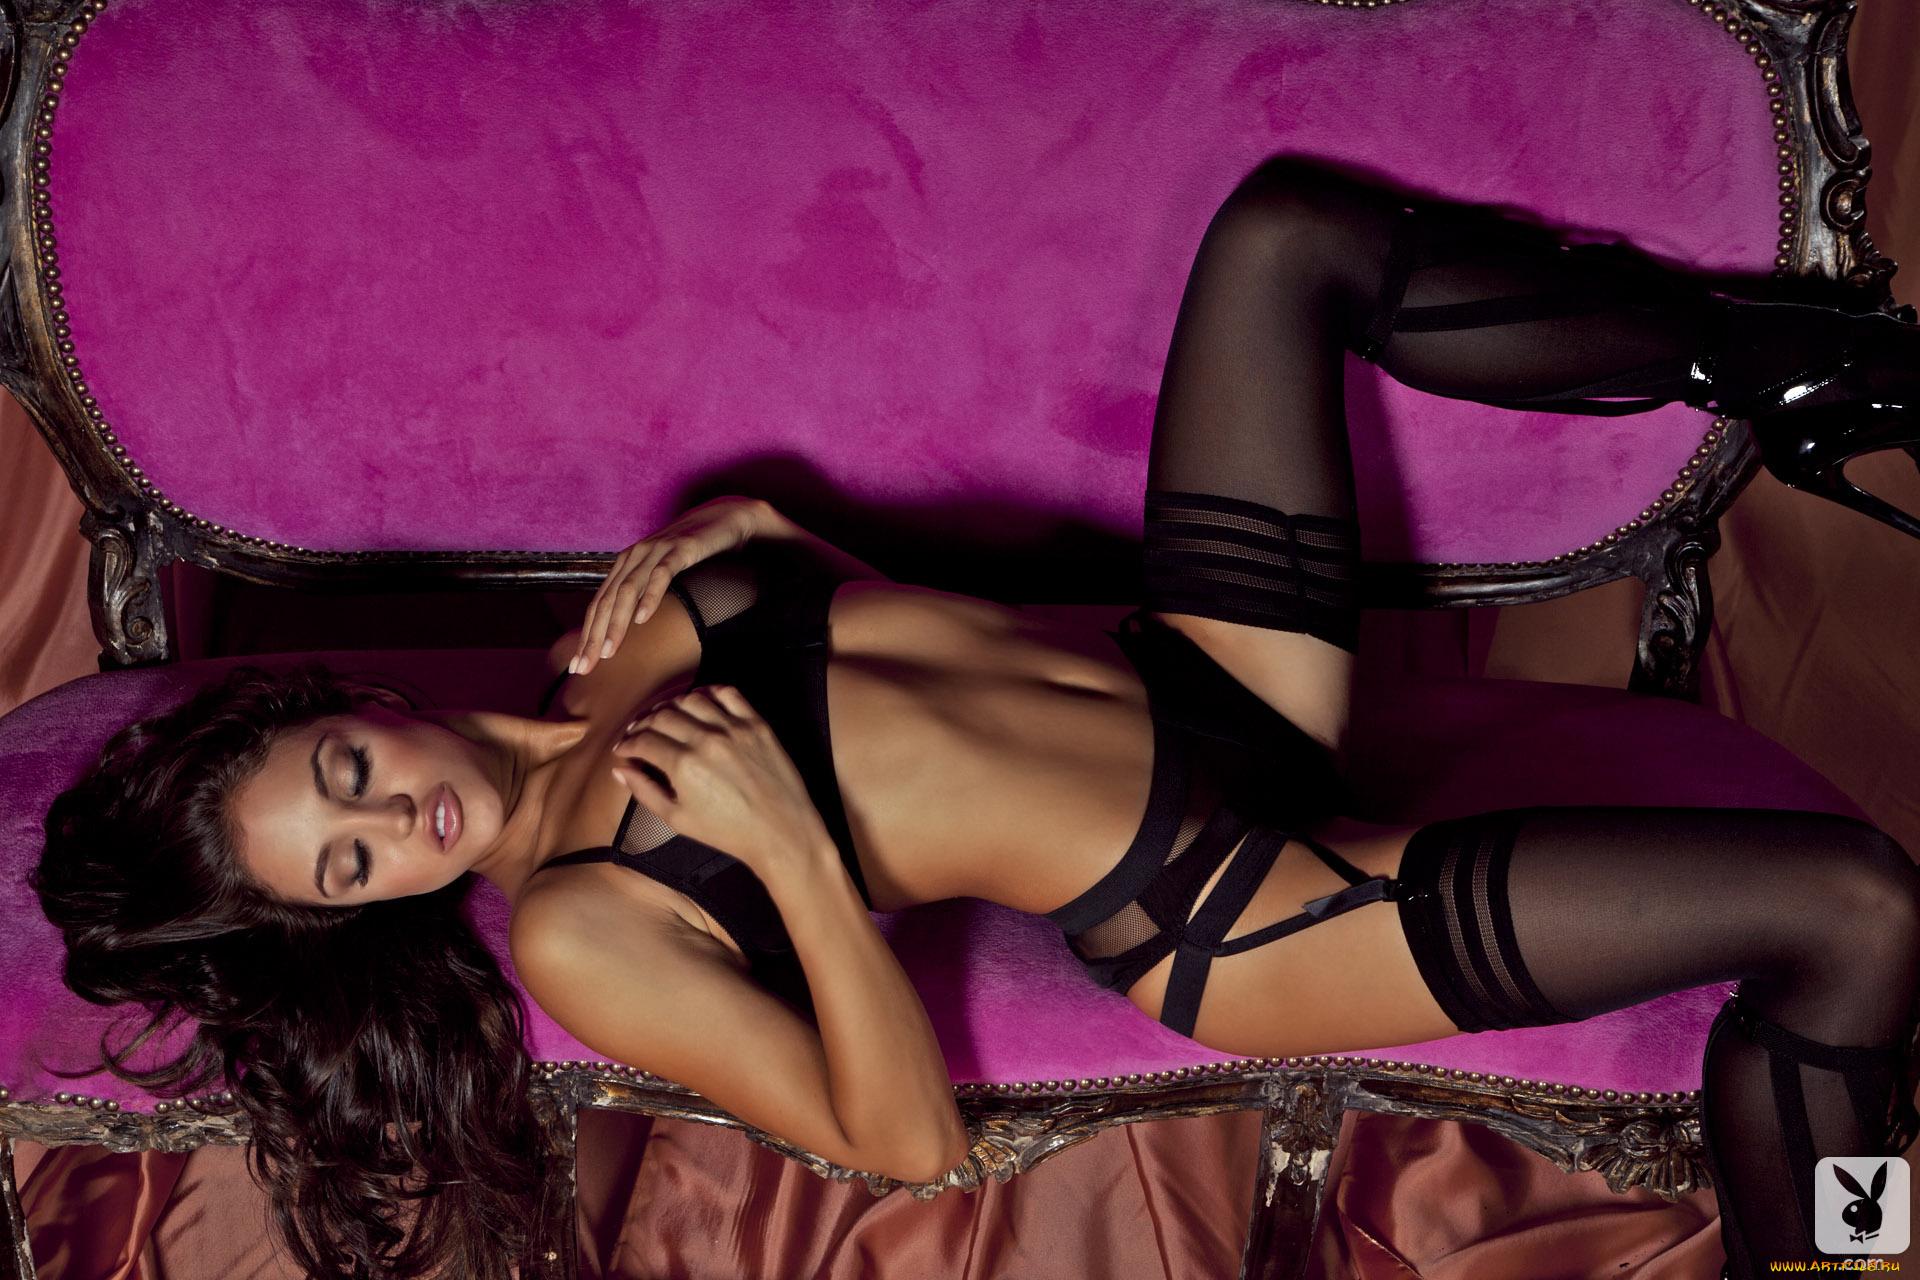 Эротика девушки белье, Голые в нижнем белье на фото - полу обнаженные 14 фотография